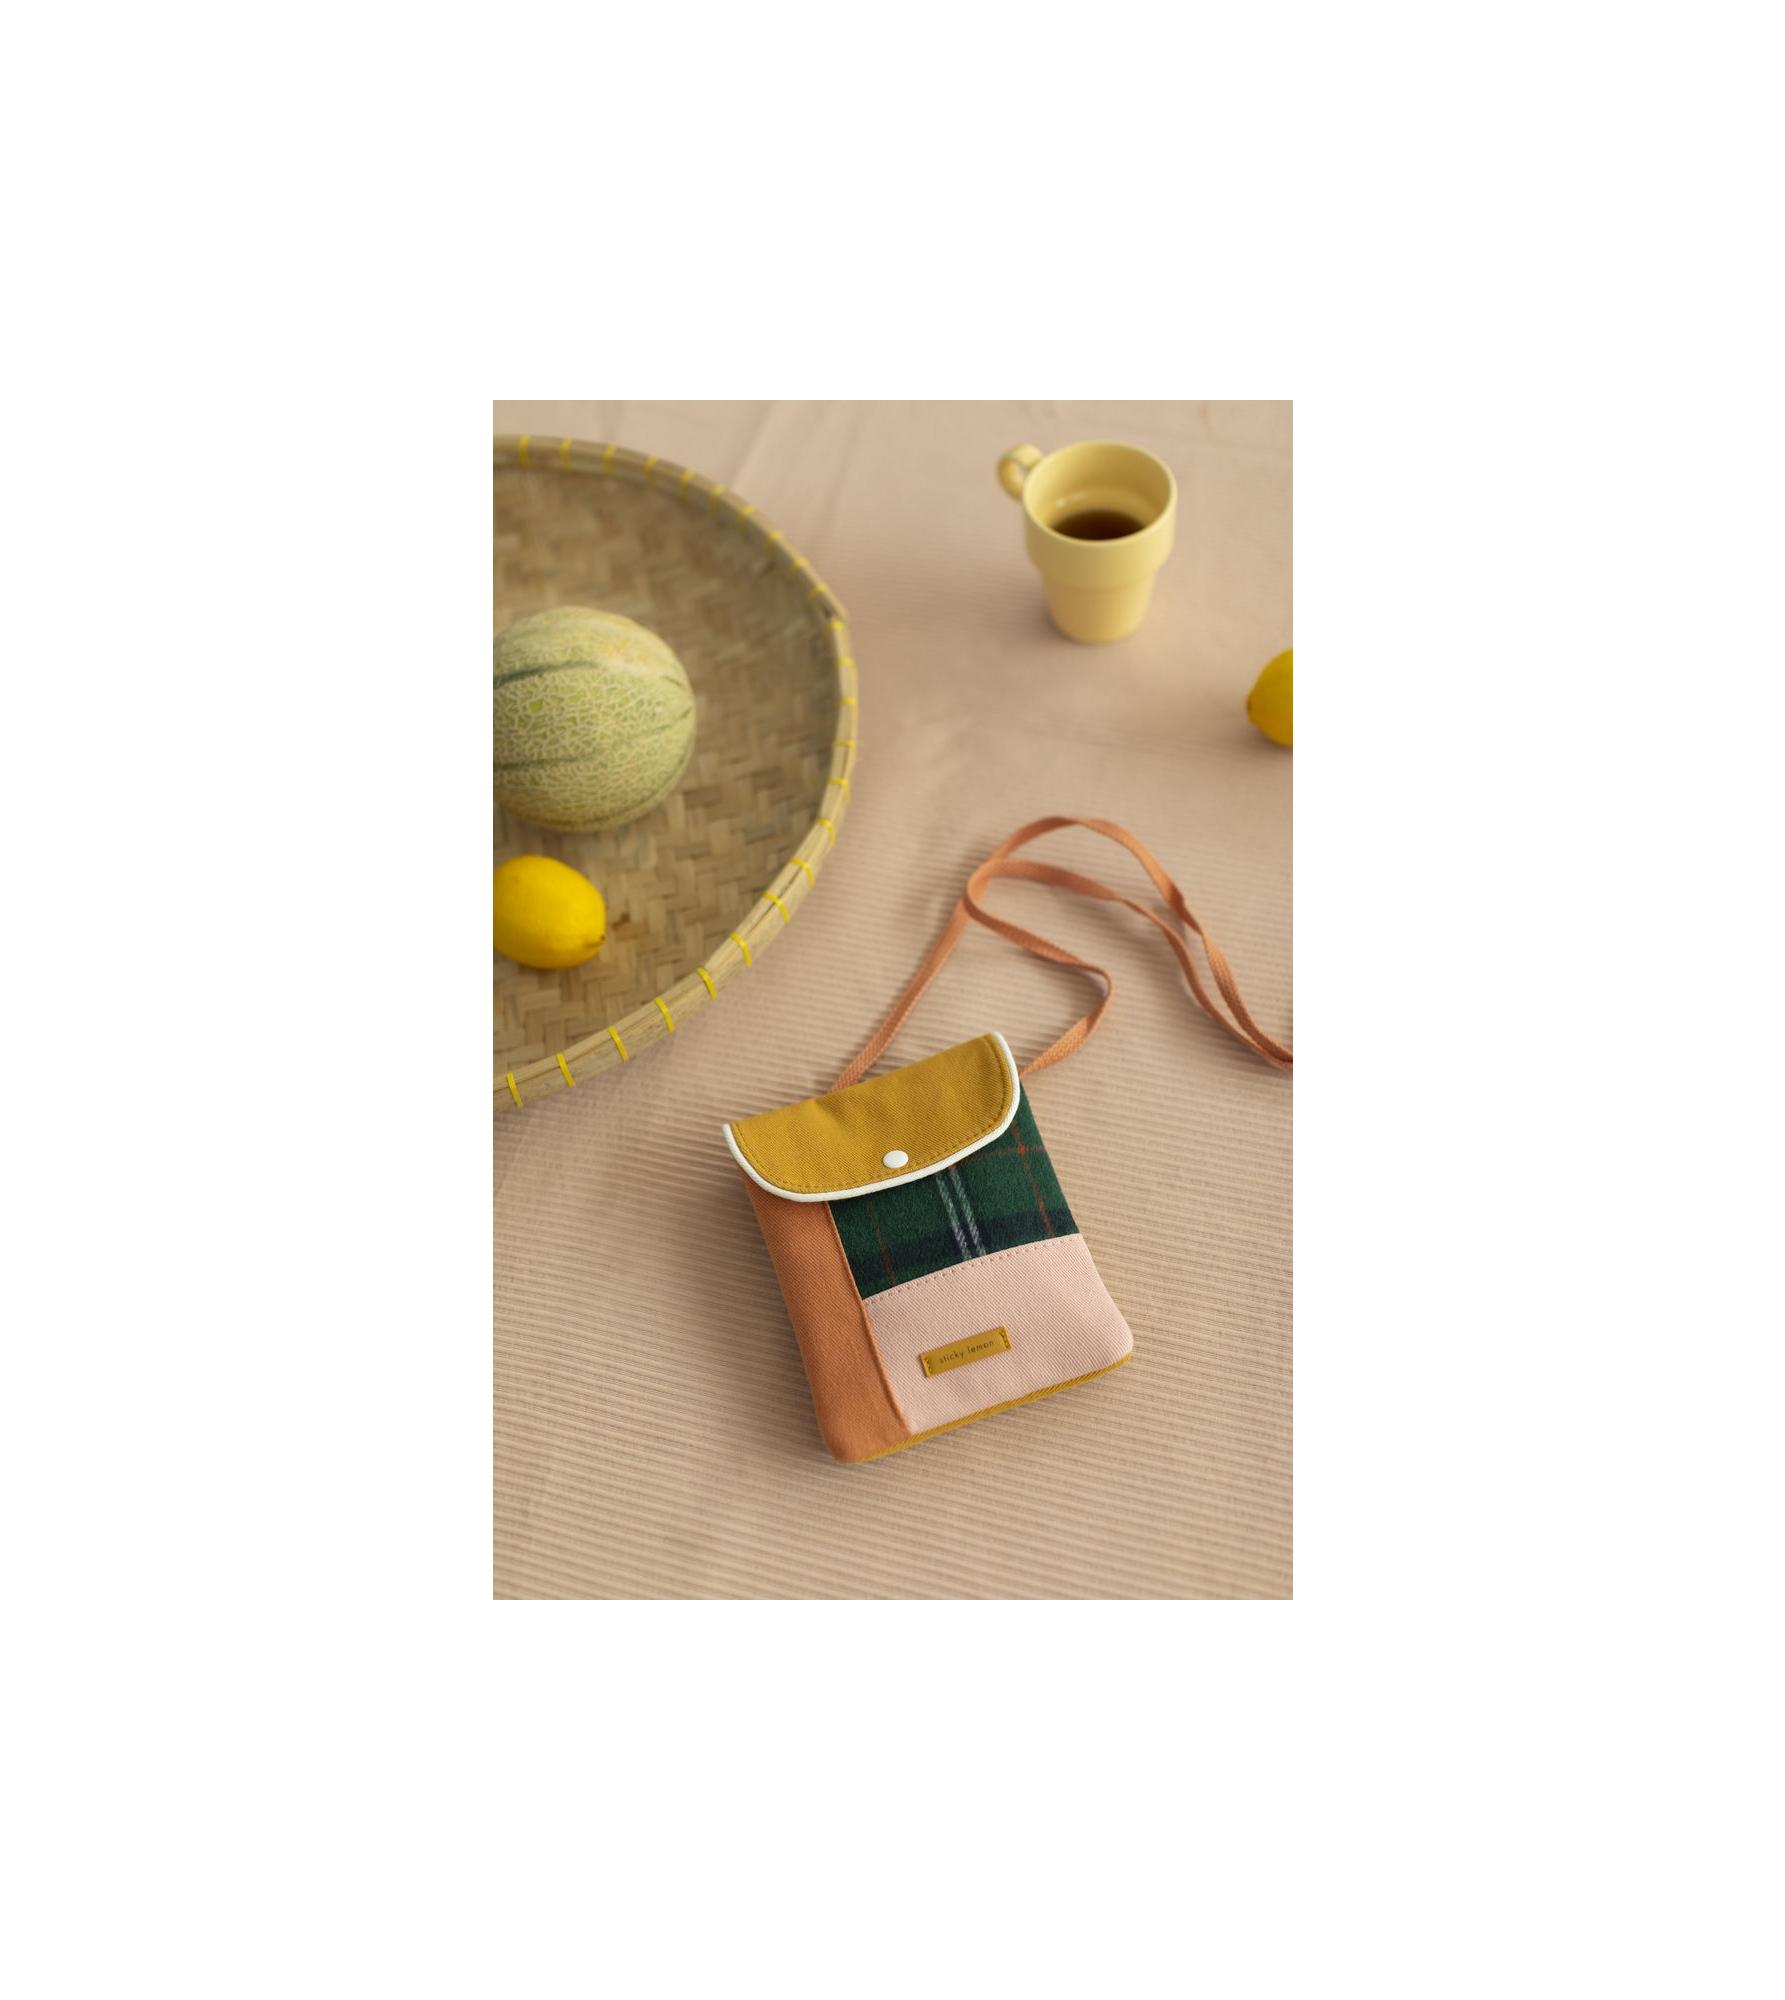 1801678 - Sticky Lemon - wallet bag - wanderer - forest green checks - style shot 03.jpg